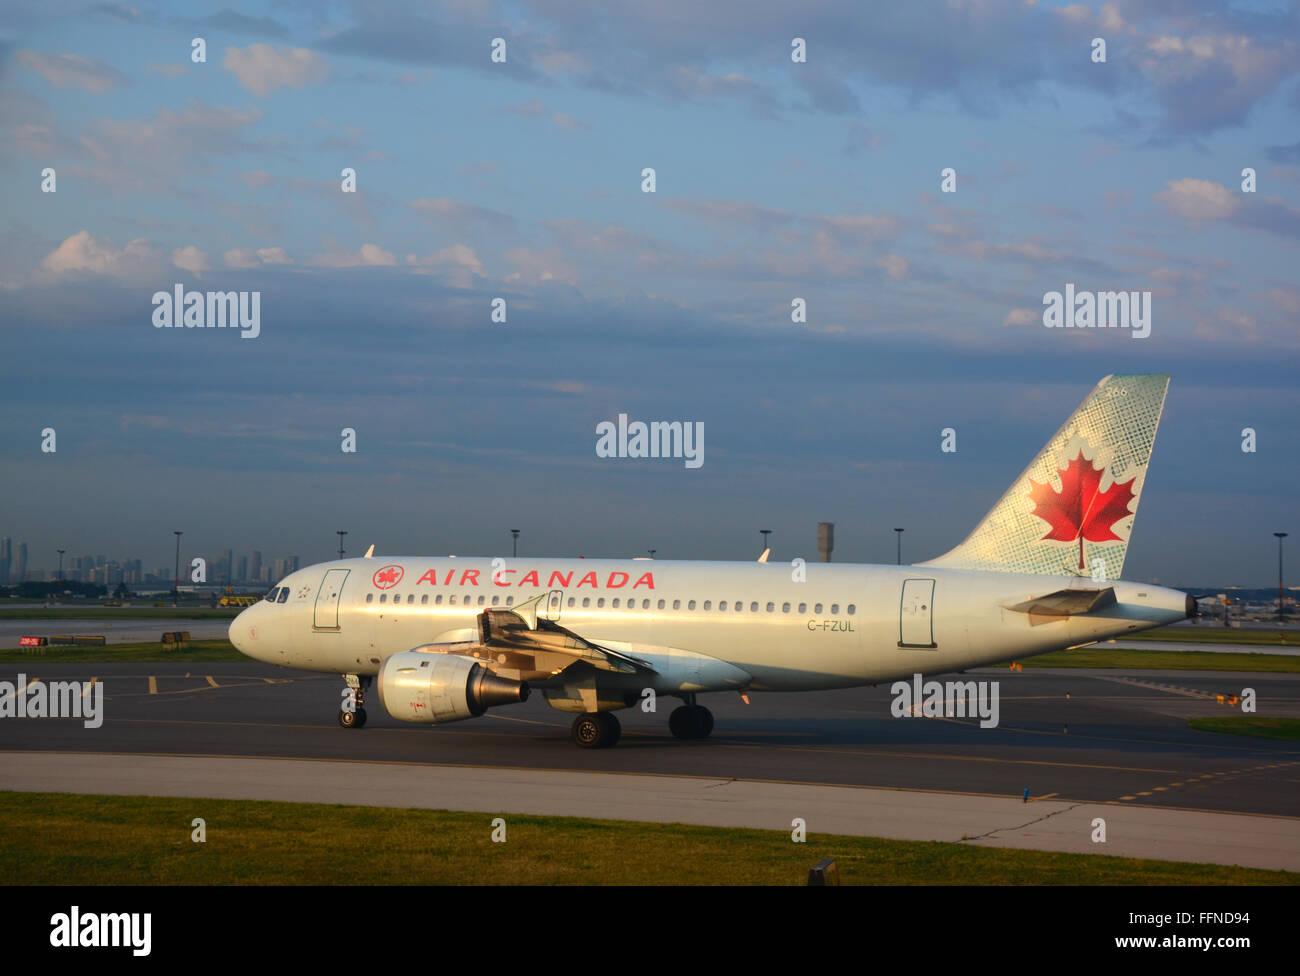 Air Canada, el avión en el aeropuerto Pearson de Toronto, Canadá Imagen De Stock